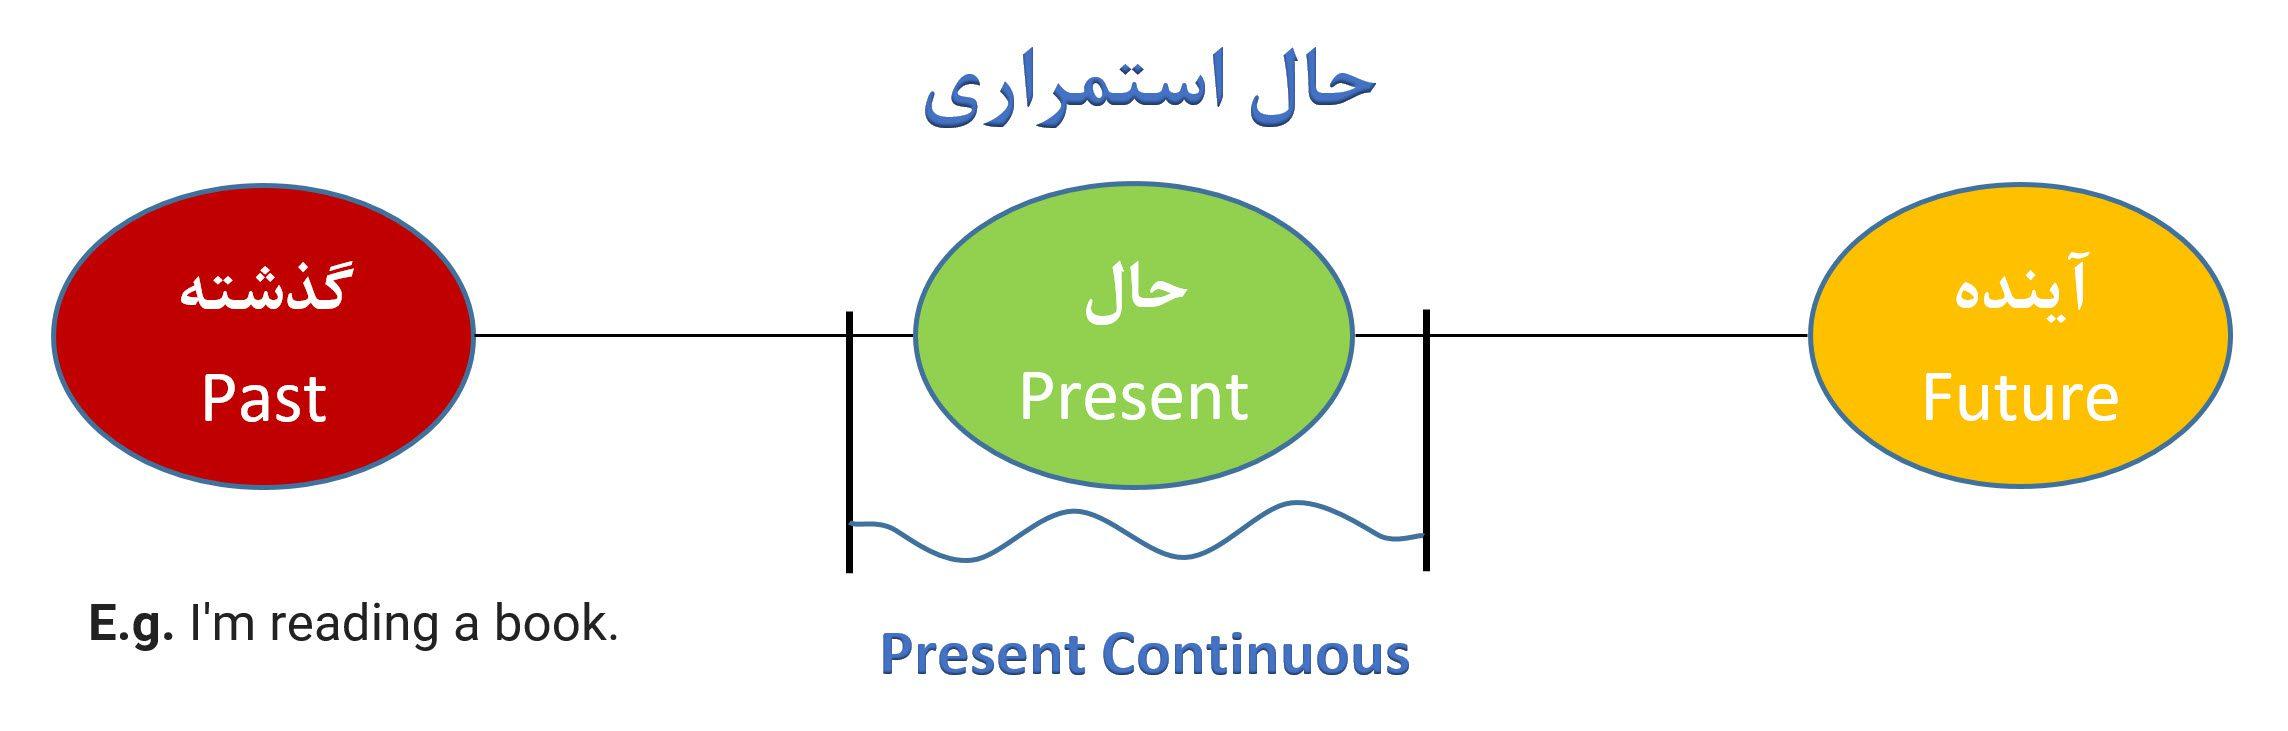 حال استمراری - Present continuous Chart